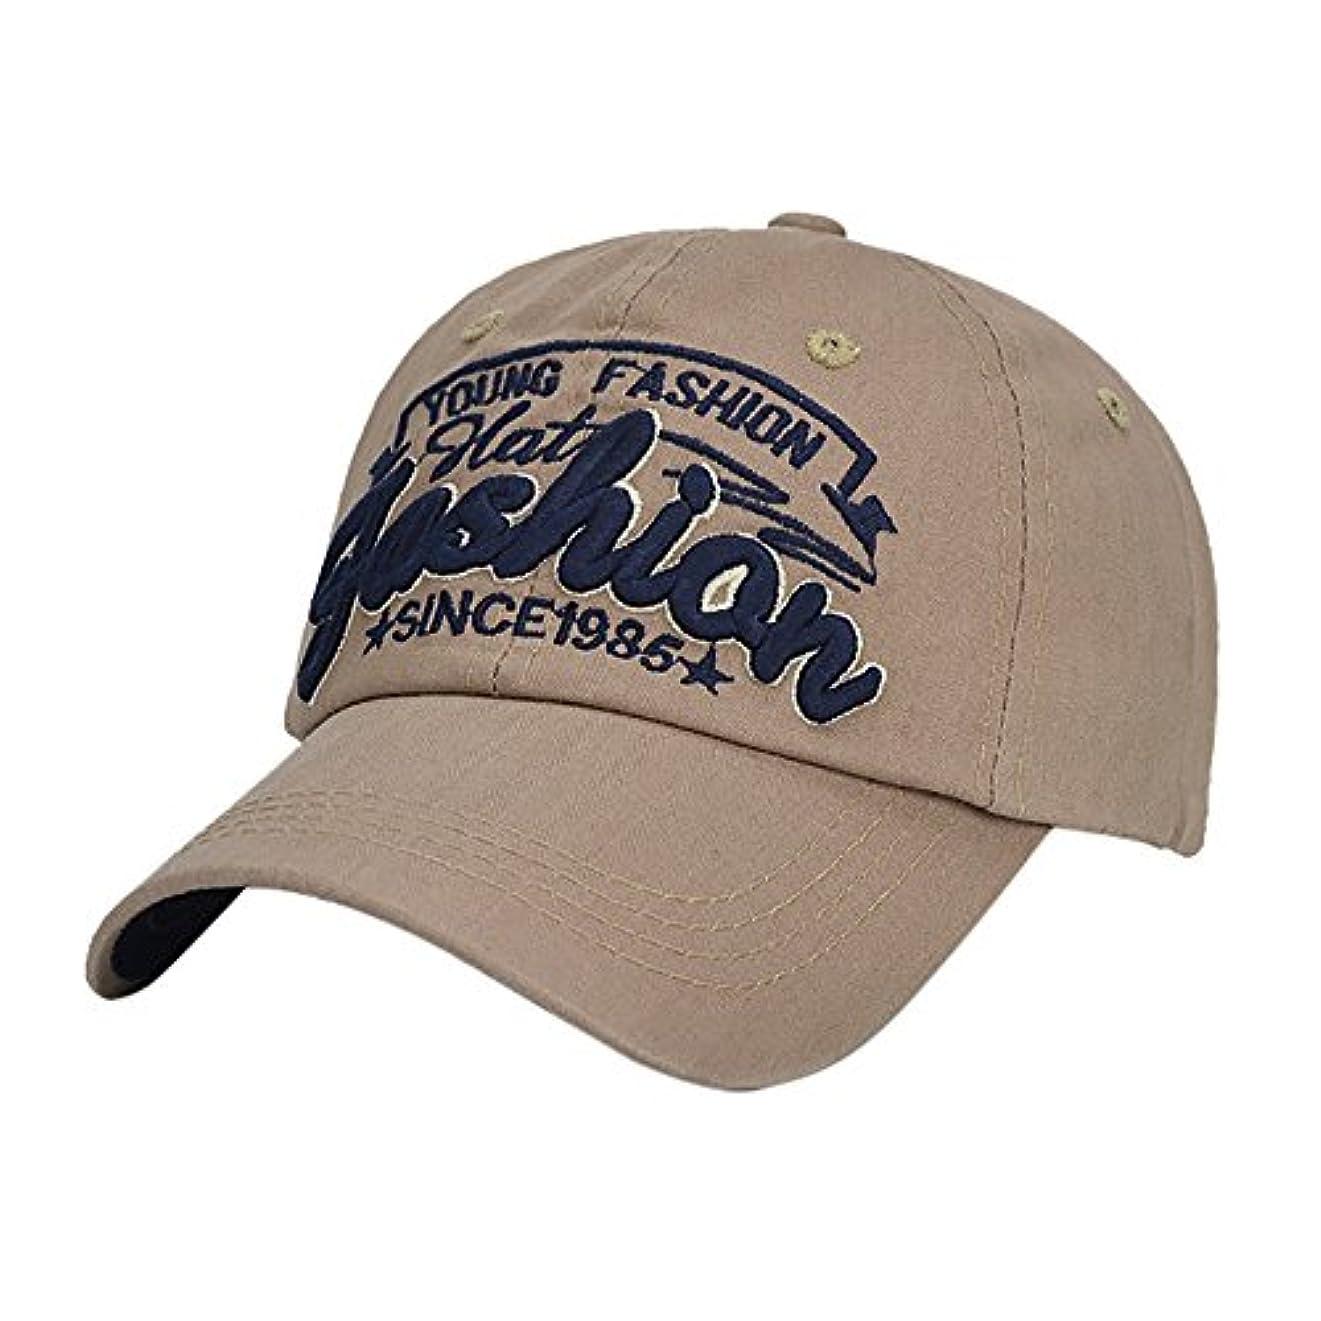 干渉パフ艦隊Racazing Cap ヒップホップ 野球帽 ストリートダンス 夏 登山 通気性のある 帽子 パール ビーディング 可調整可能 日焼け止め 棒球帽 UV 帽子 軽量 屋外 女性向 Hat (コーヒー)